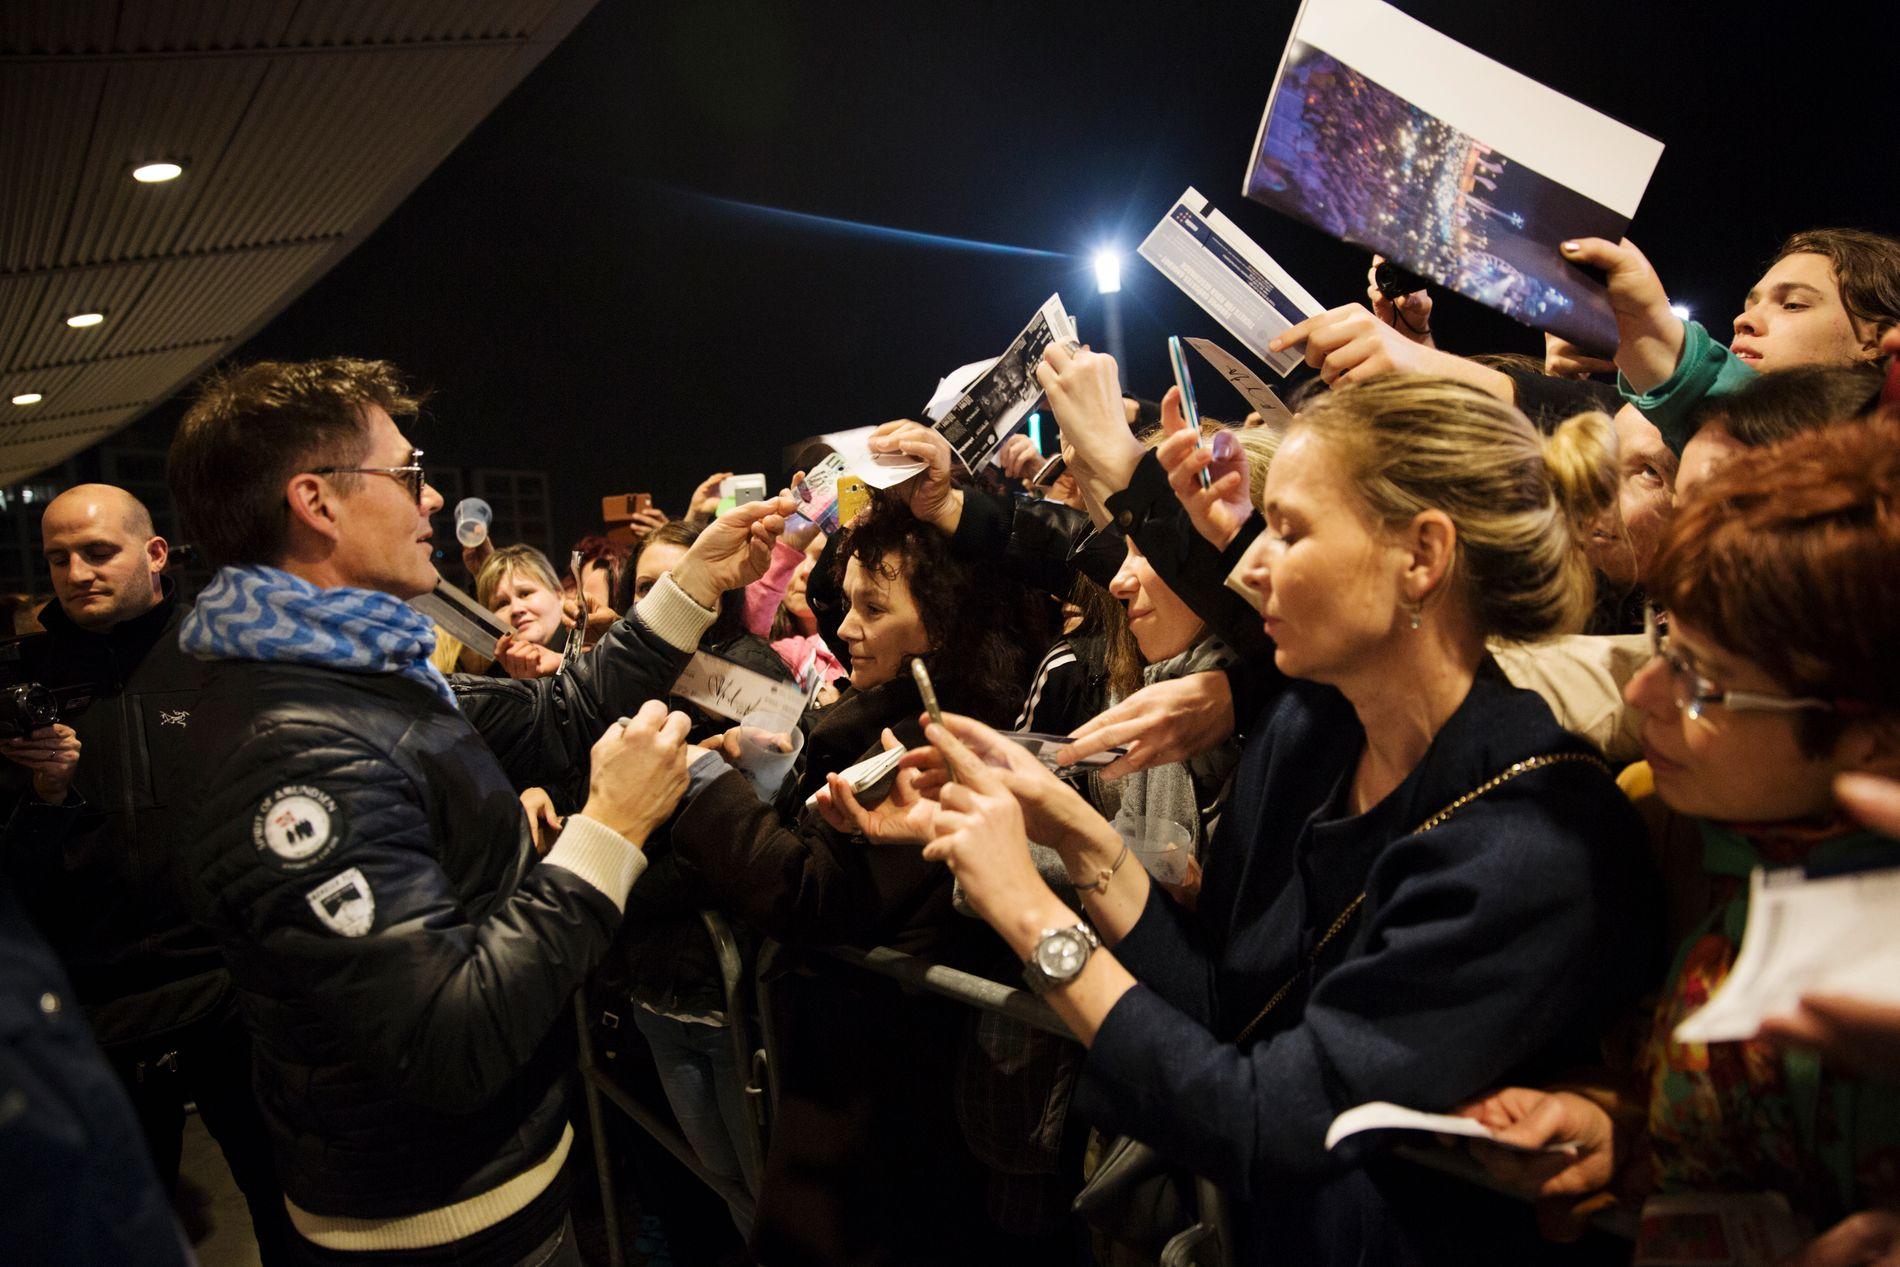 HAR DRAGET: Morten Harket møter fansen etter konsert i Berlin i april. Foto: ANDREA GJESTVANG